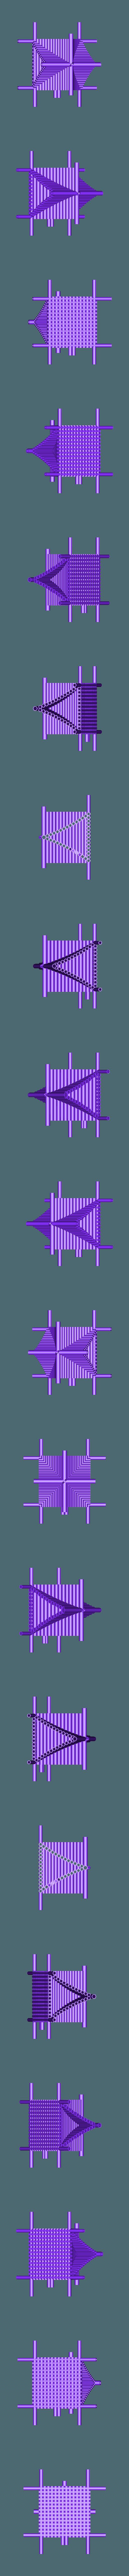 Single_Entrance_Diameter_55_mm.stl Télécharger fichier STL gratuit Maison des oiseaux bûcherons • Modèle à imprimer en 3D, SE_2018